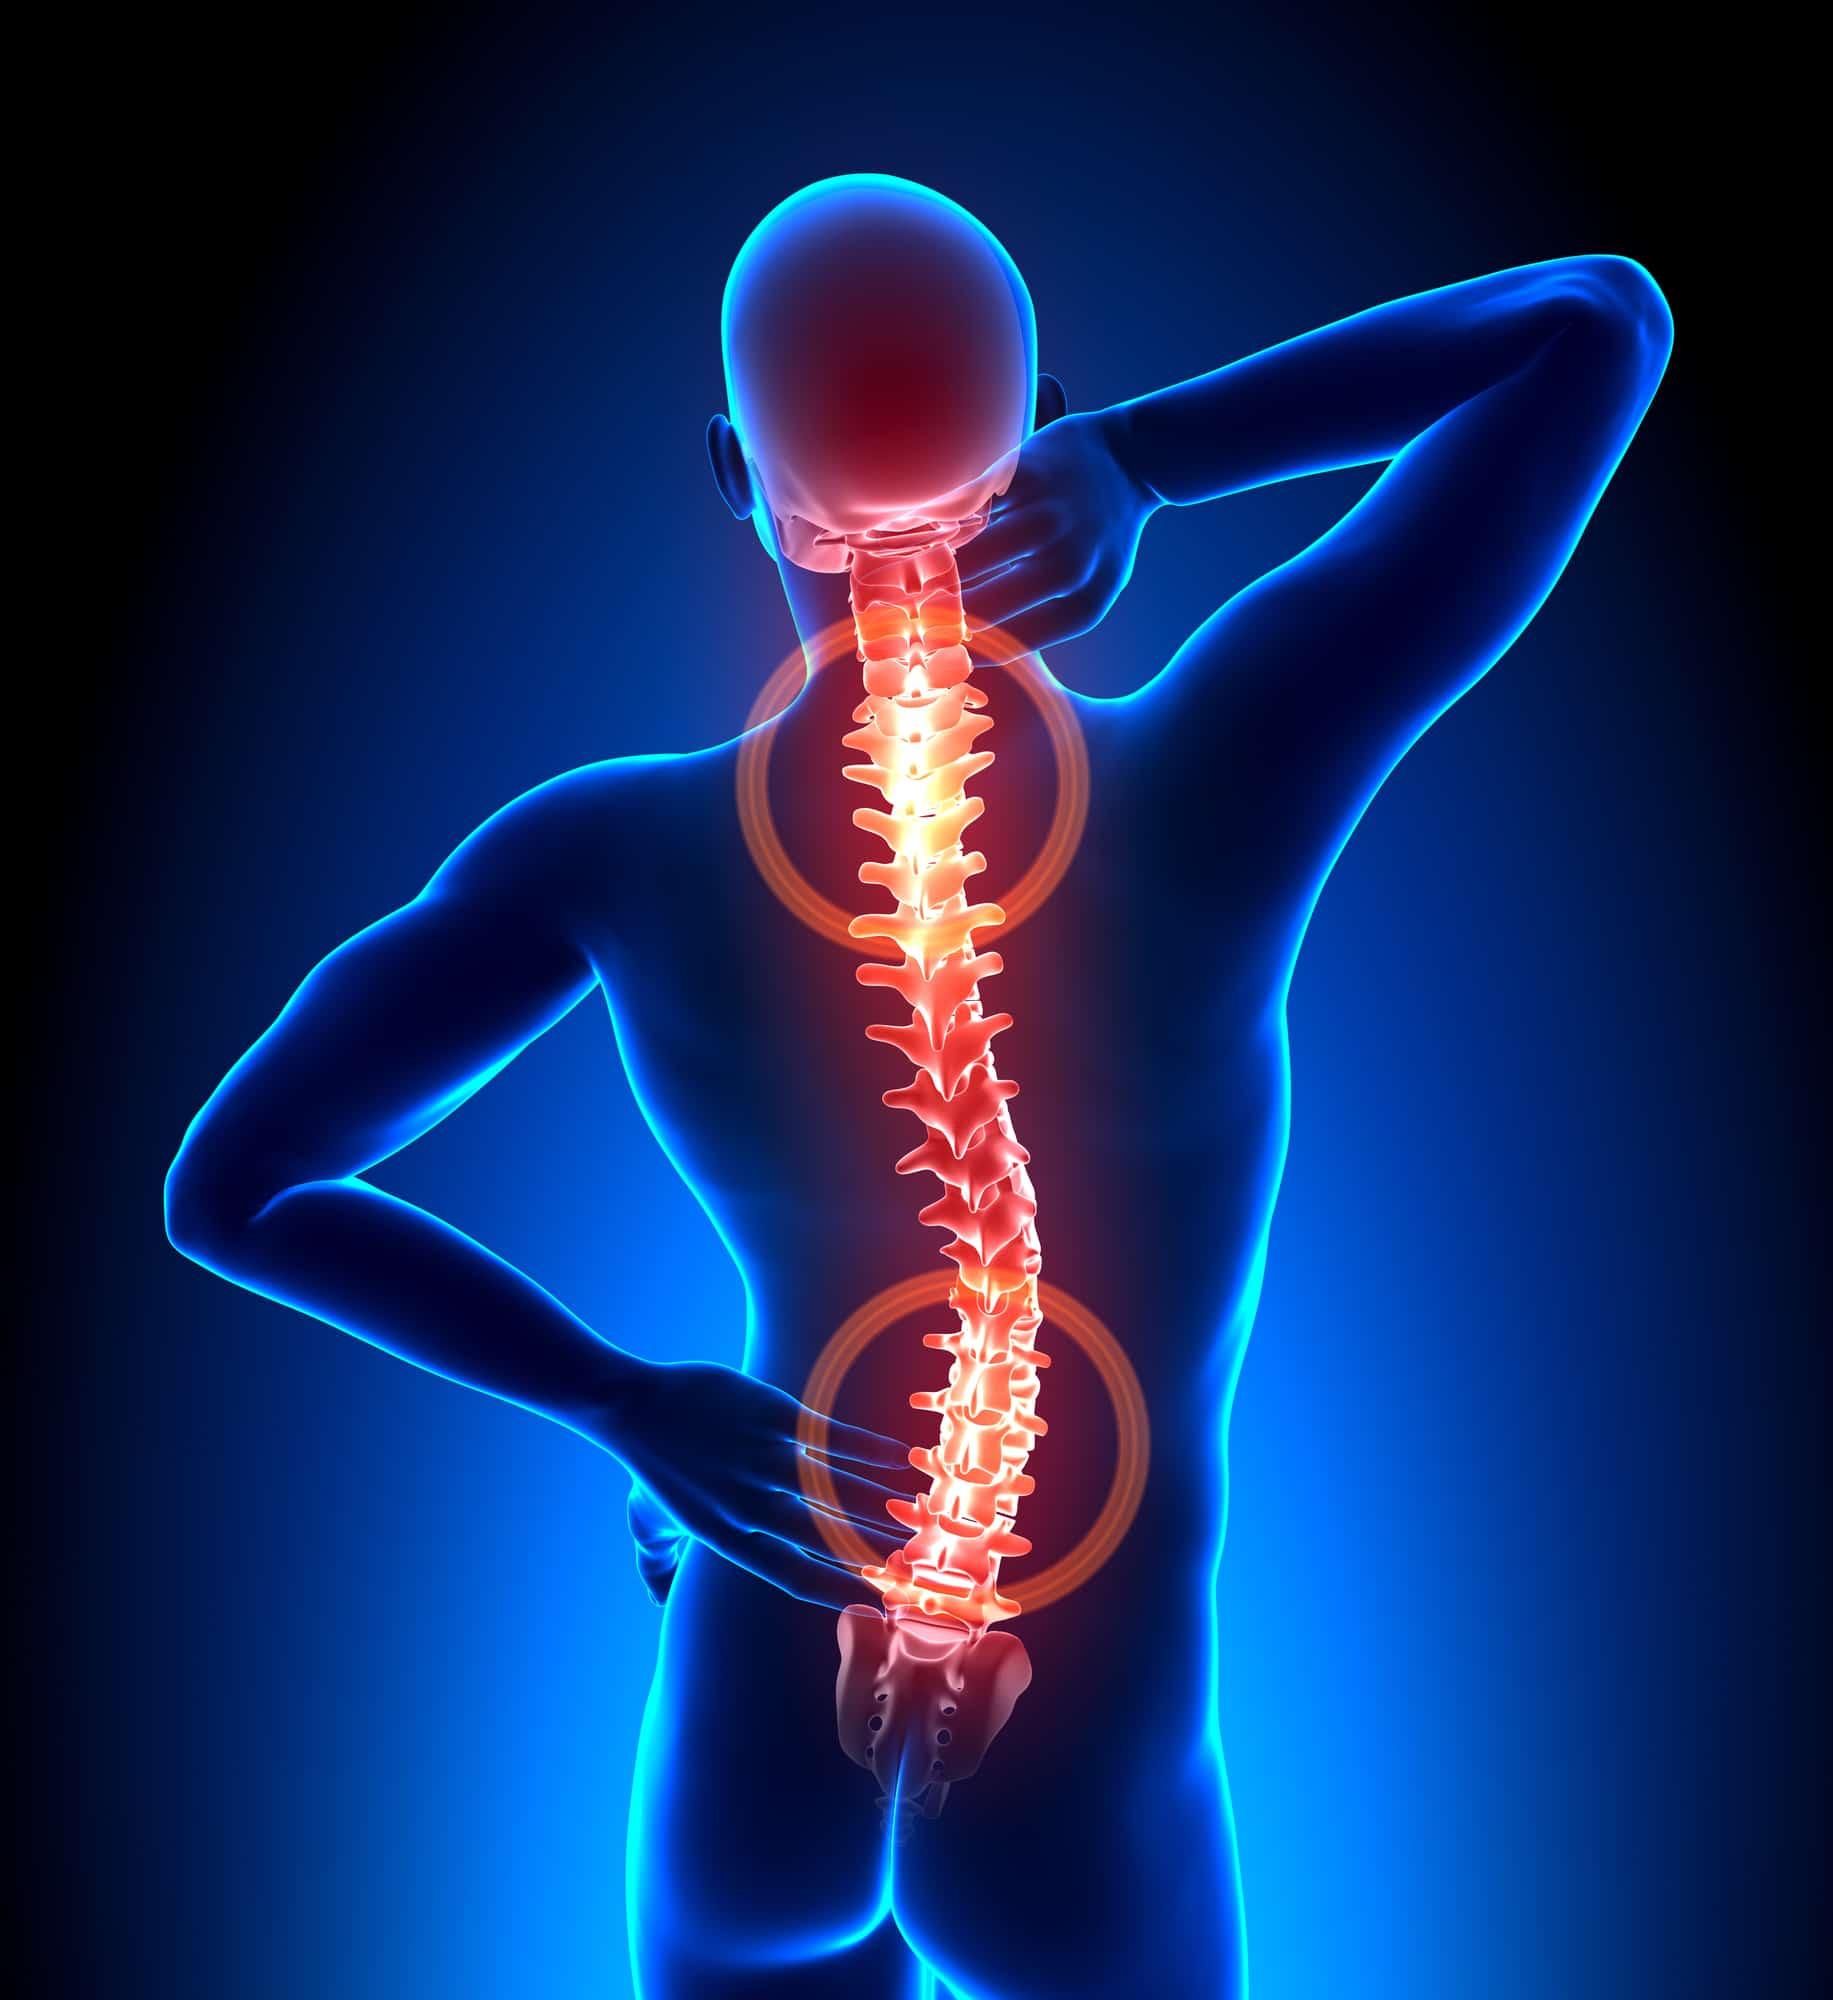 Los quiroprácticos le dicen que no ignore el dolor de espalda: este es el motivo